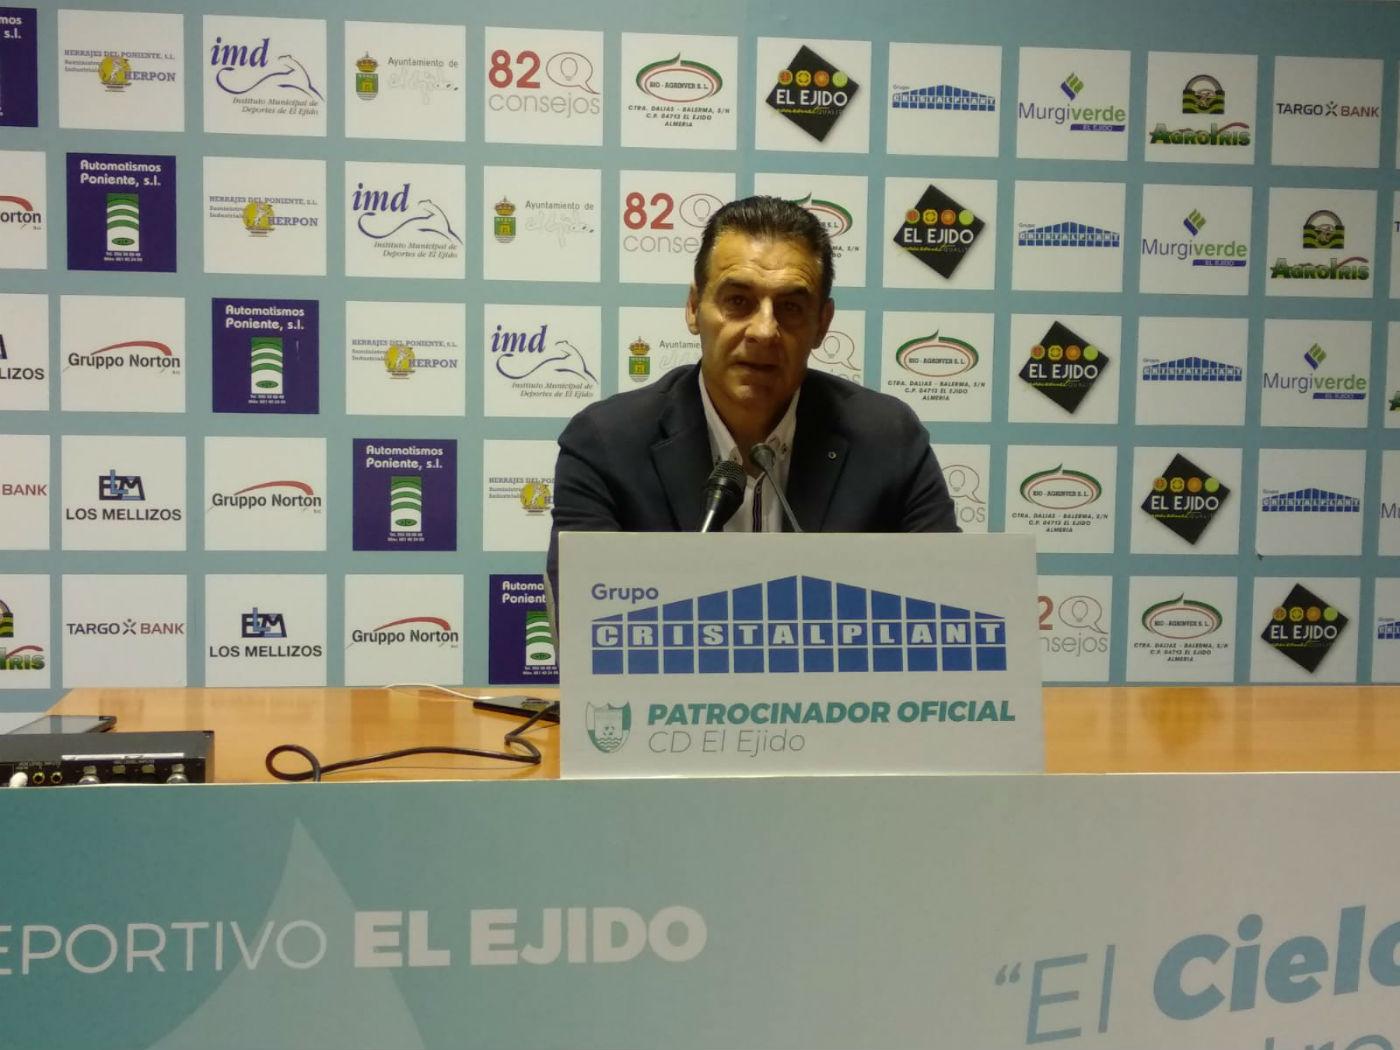 El estadio de Santo Domingo preparado para una nueva final